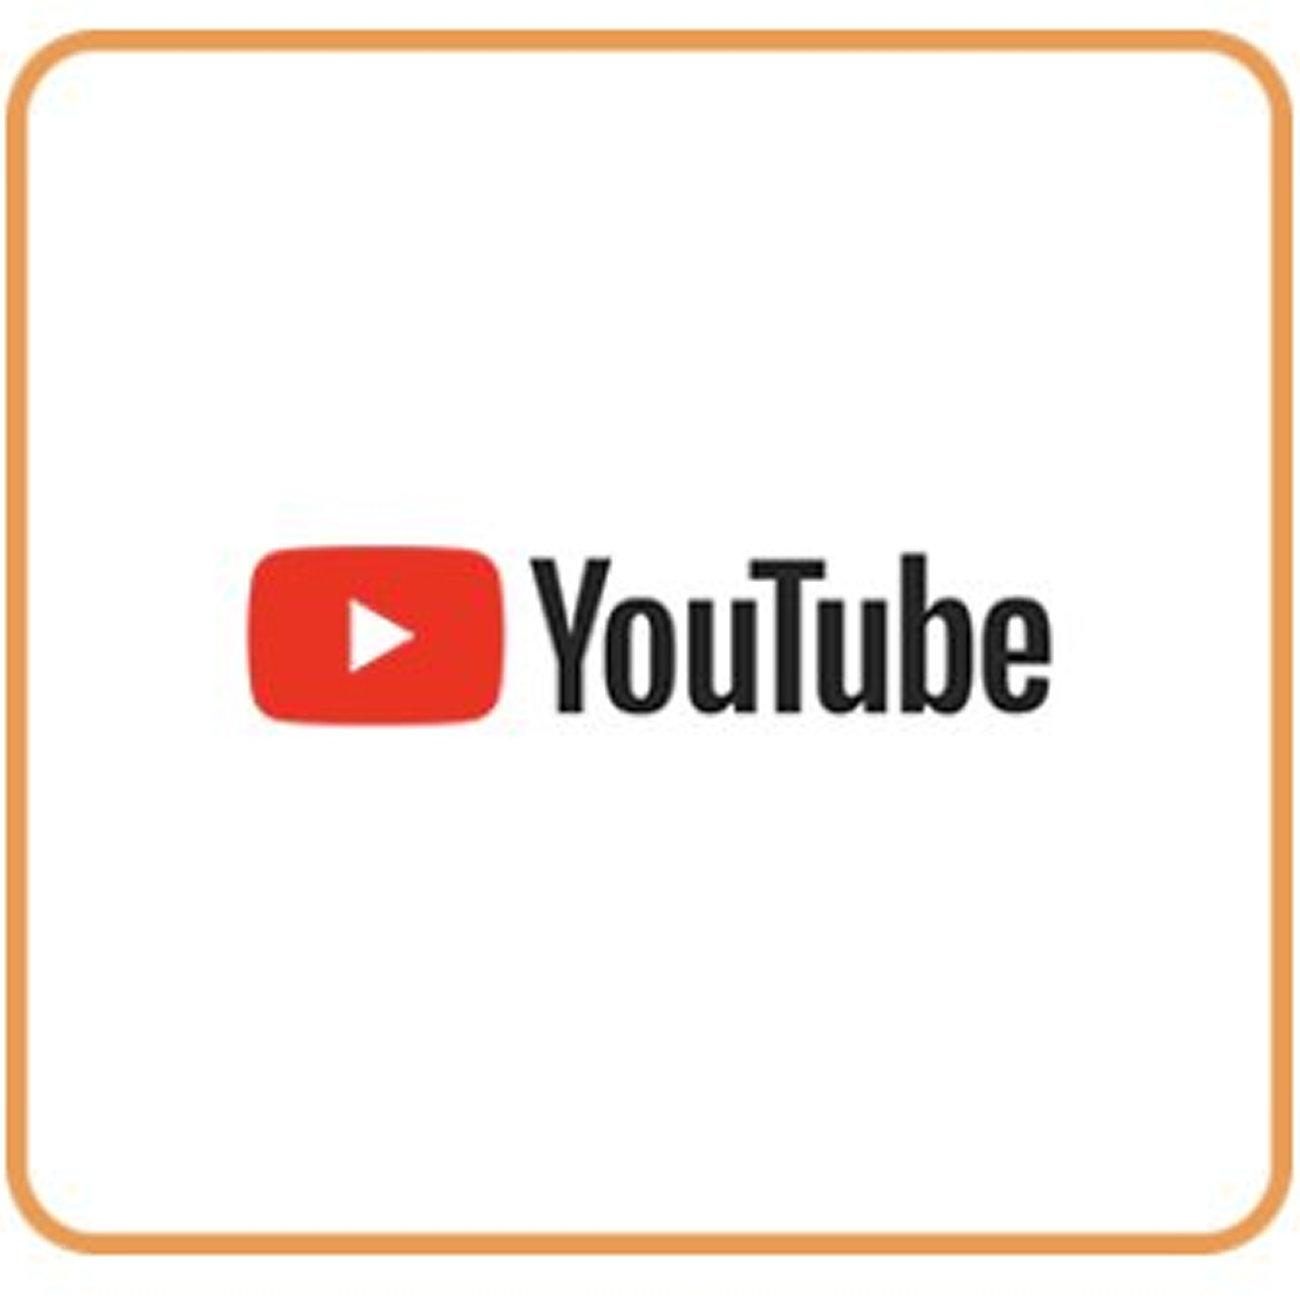 ニンテンドースイッチ、YouTubeアプリ今週配信